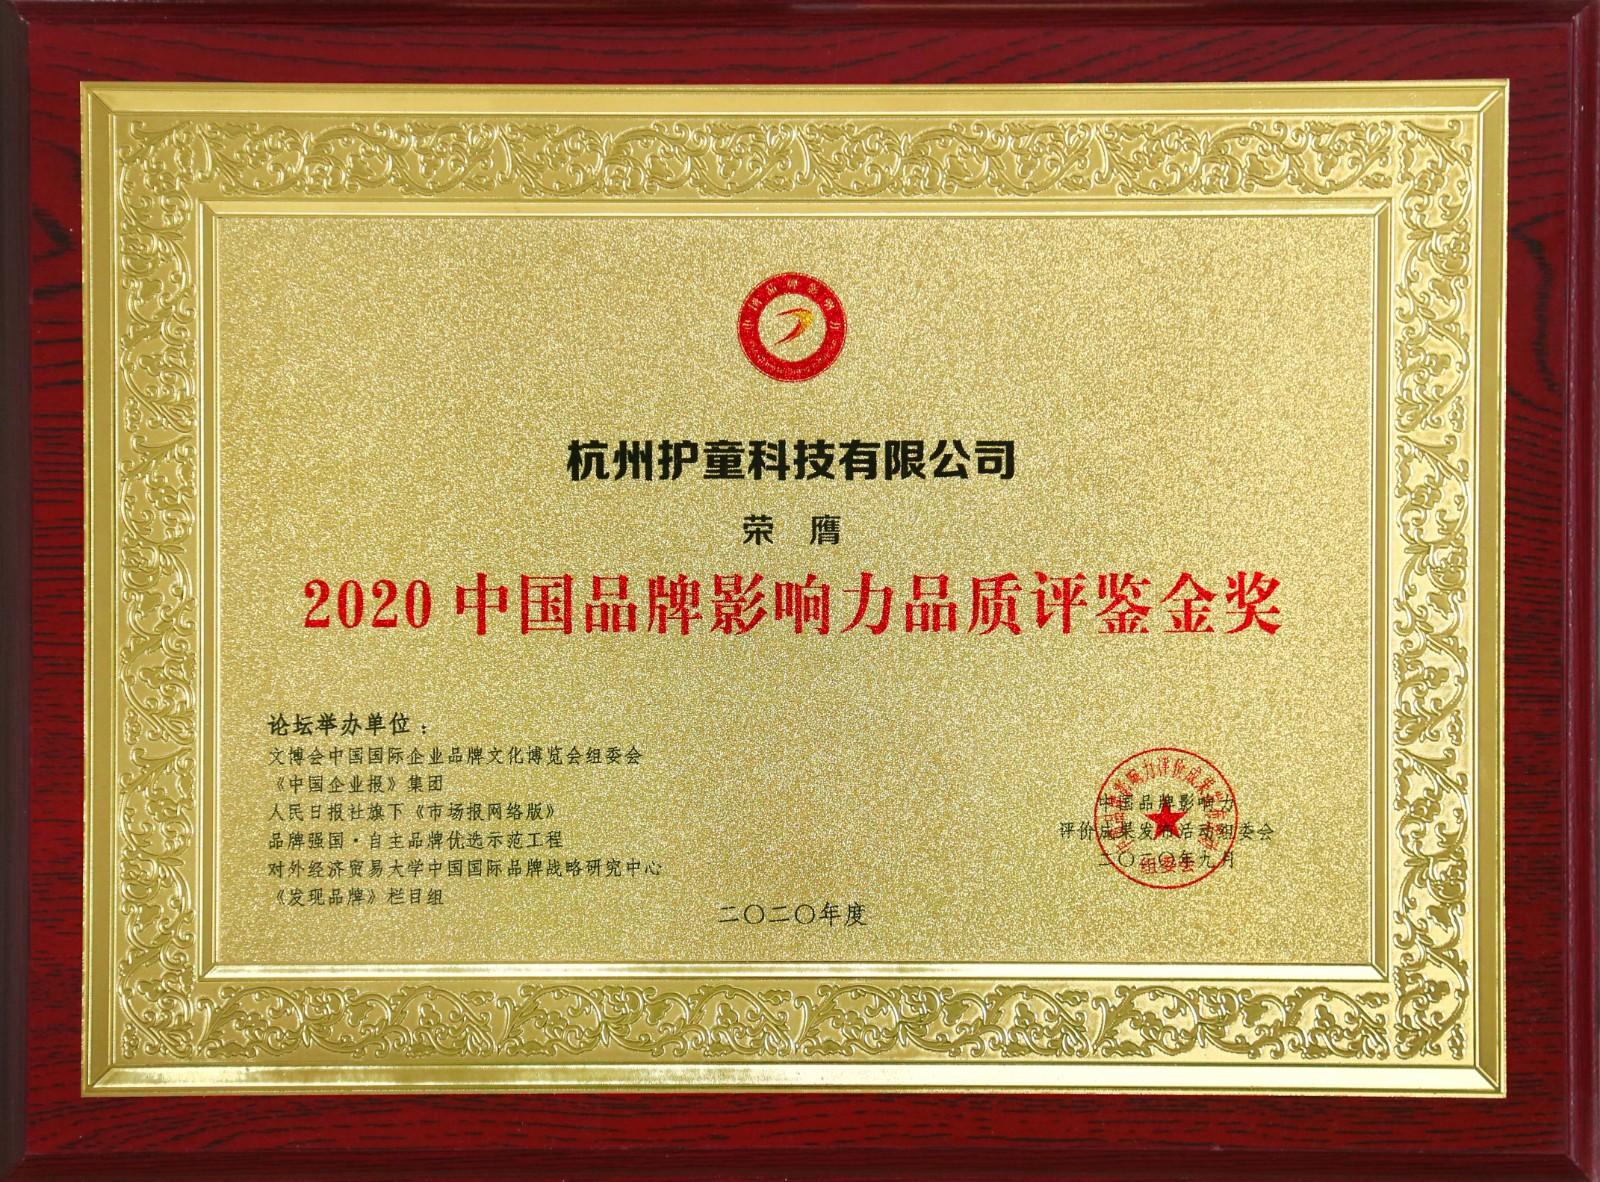 2020中国品牌影响力品质评鉴金奖-奖牌.jpg